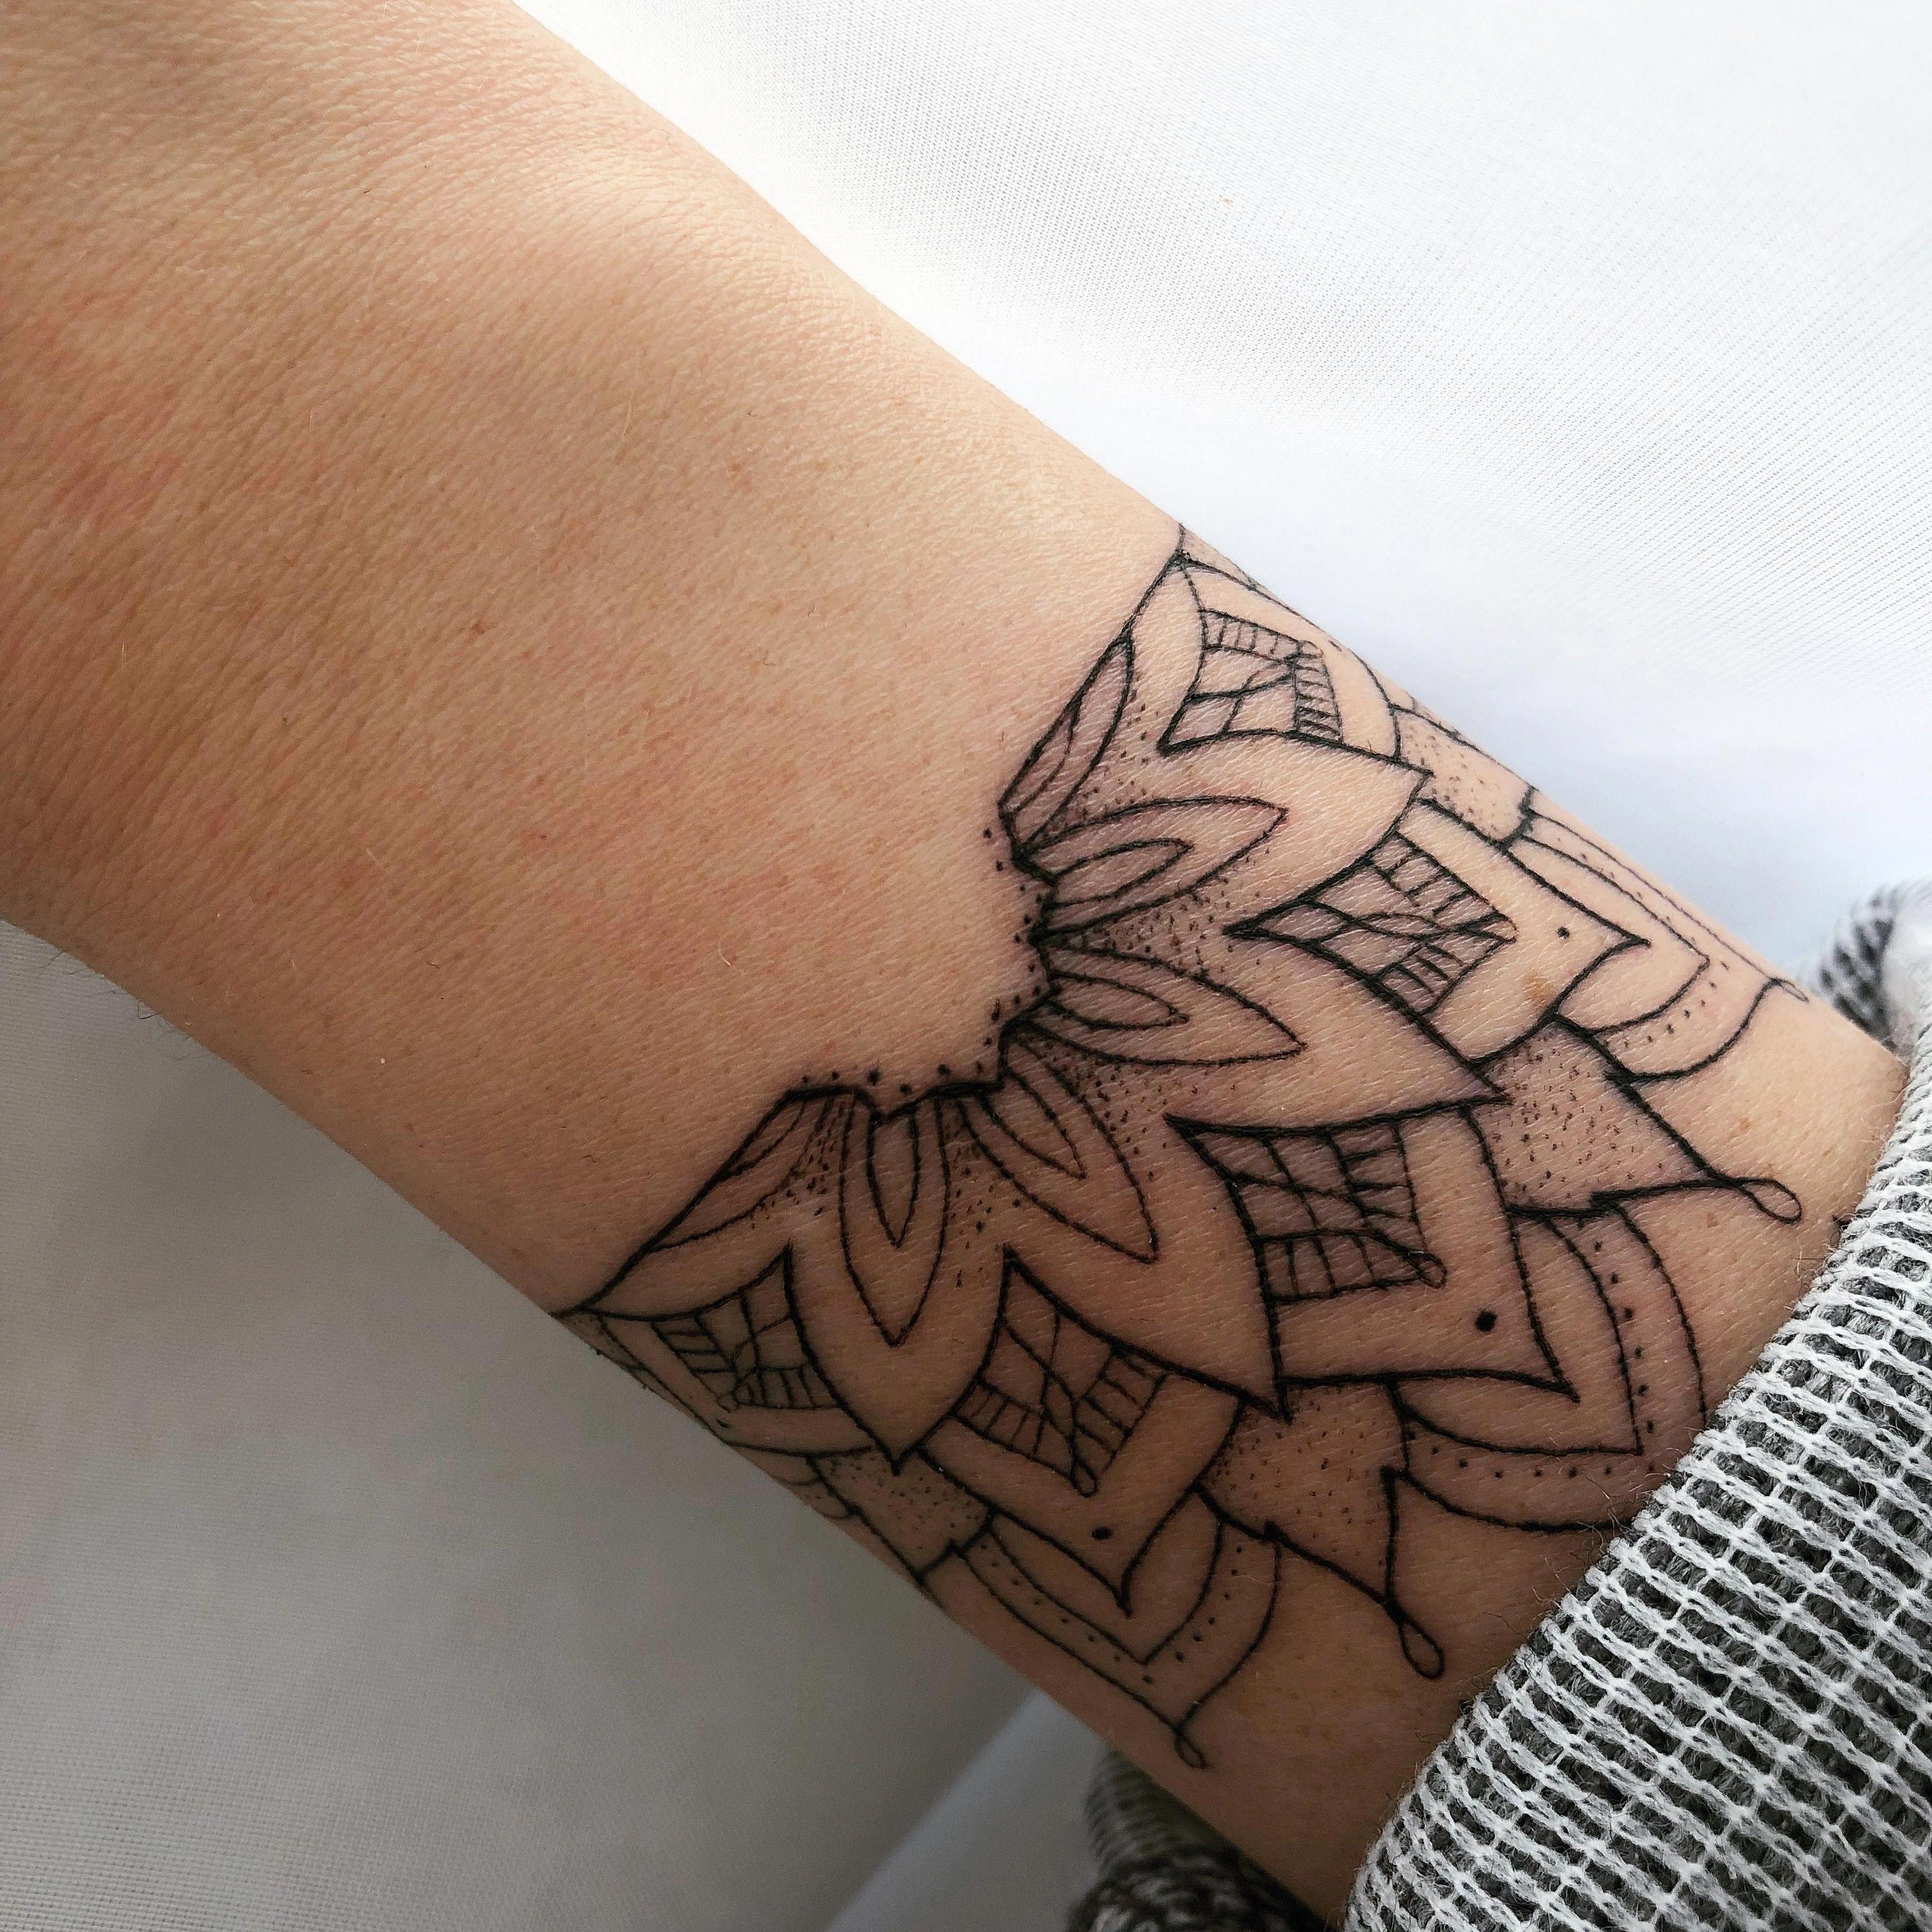 foot tattoo placement Foottattoos Wrist tattoos girls